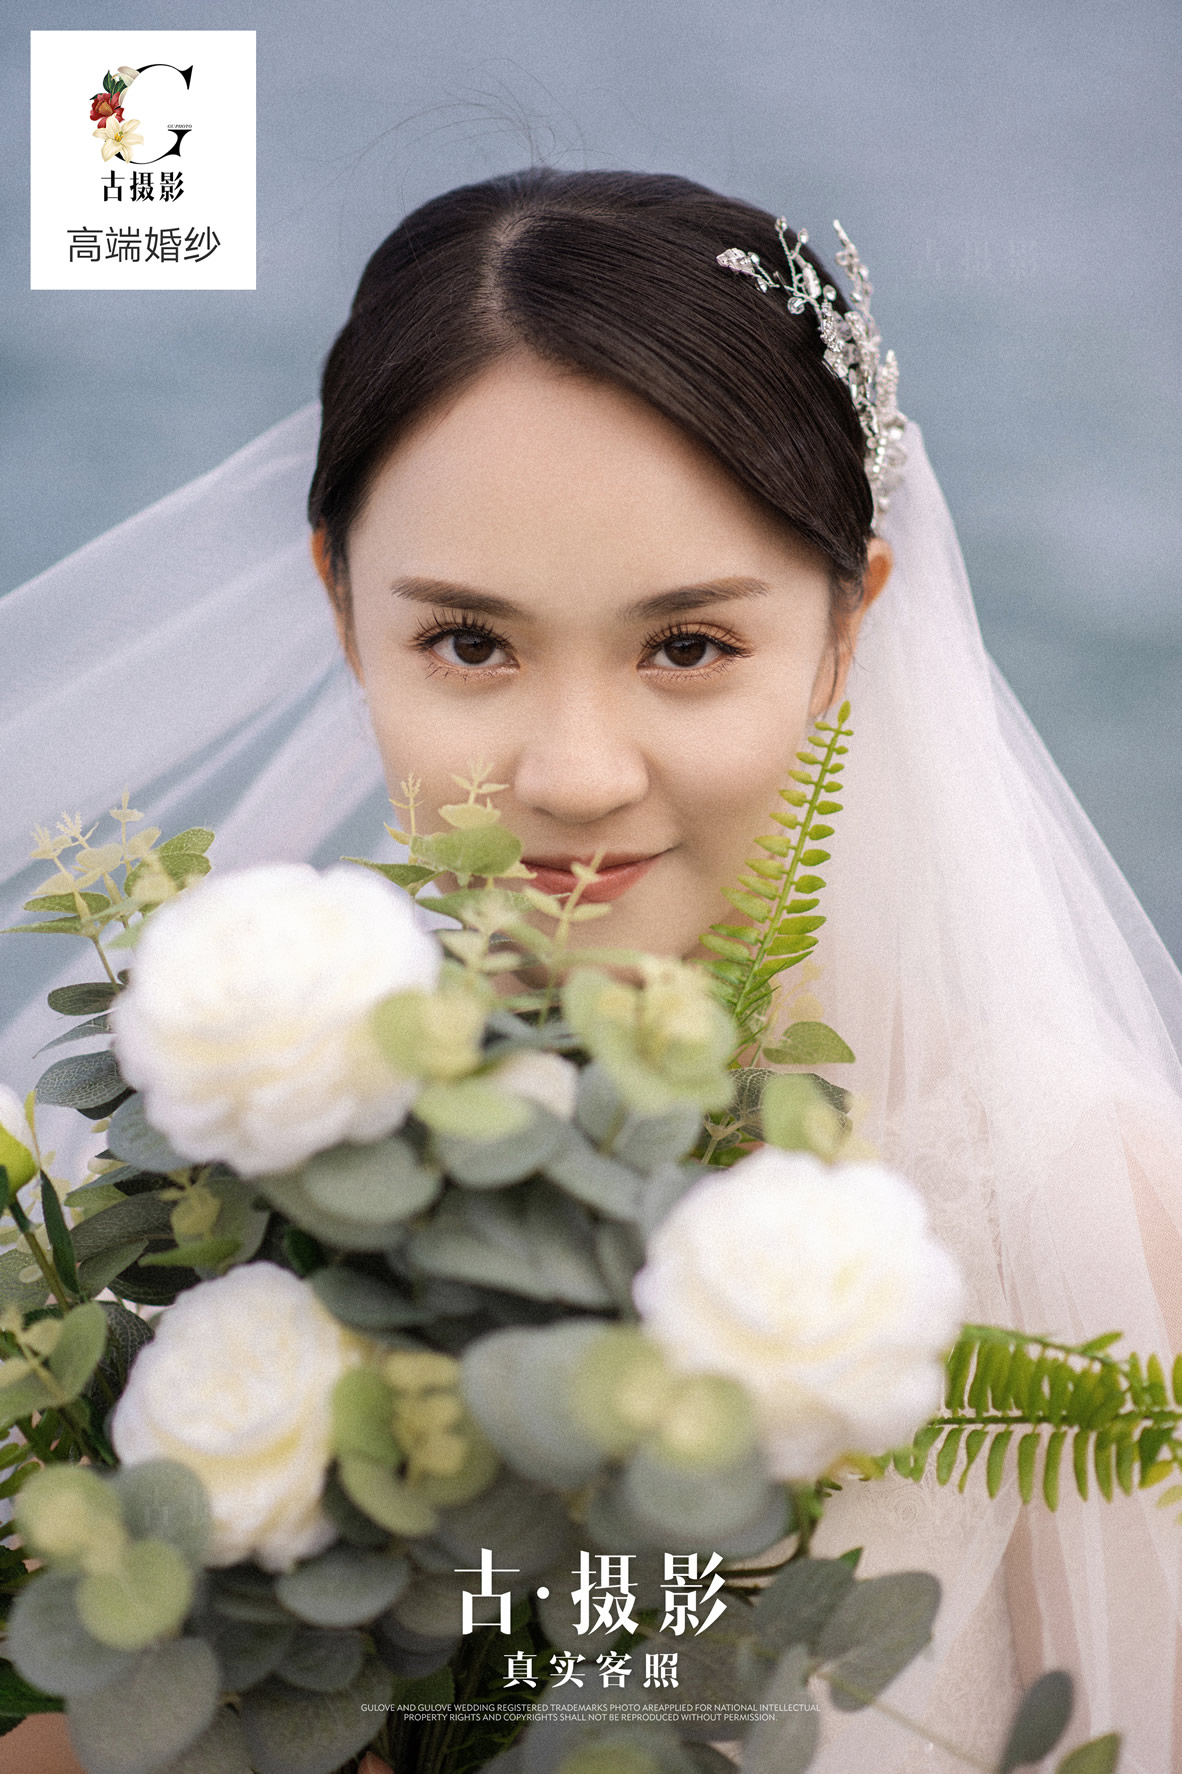 6月1日客片吴先生 伍小姐 - 每日客照 - 广州婚纱摄影-广州古摄影官网